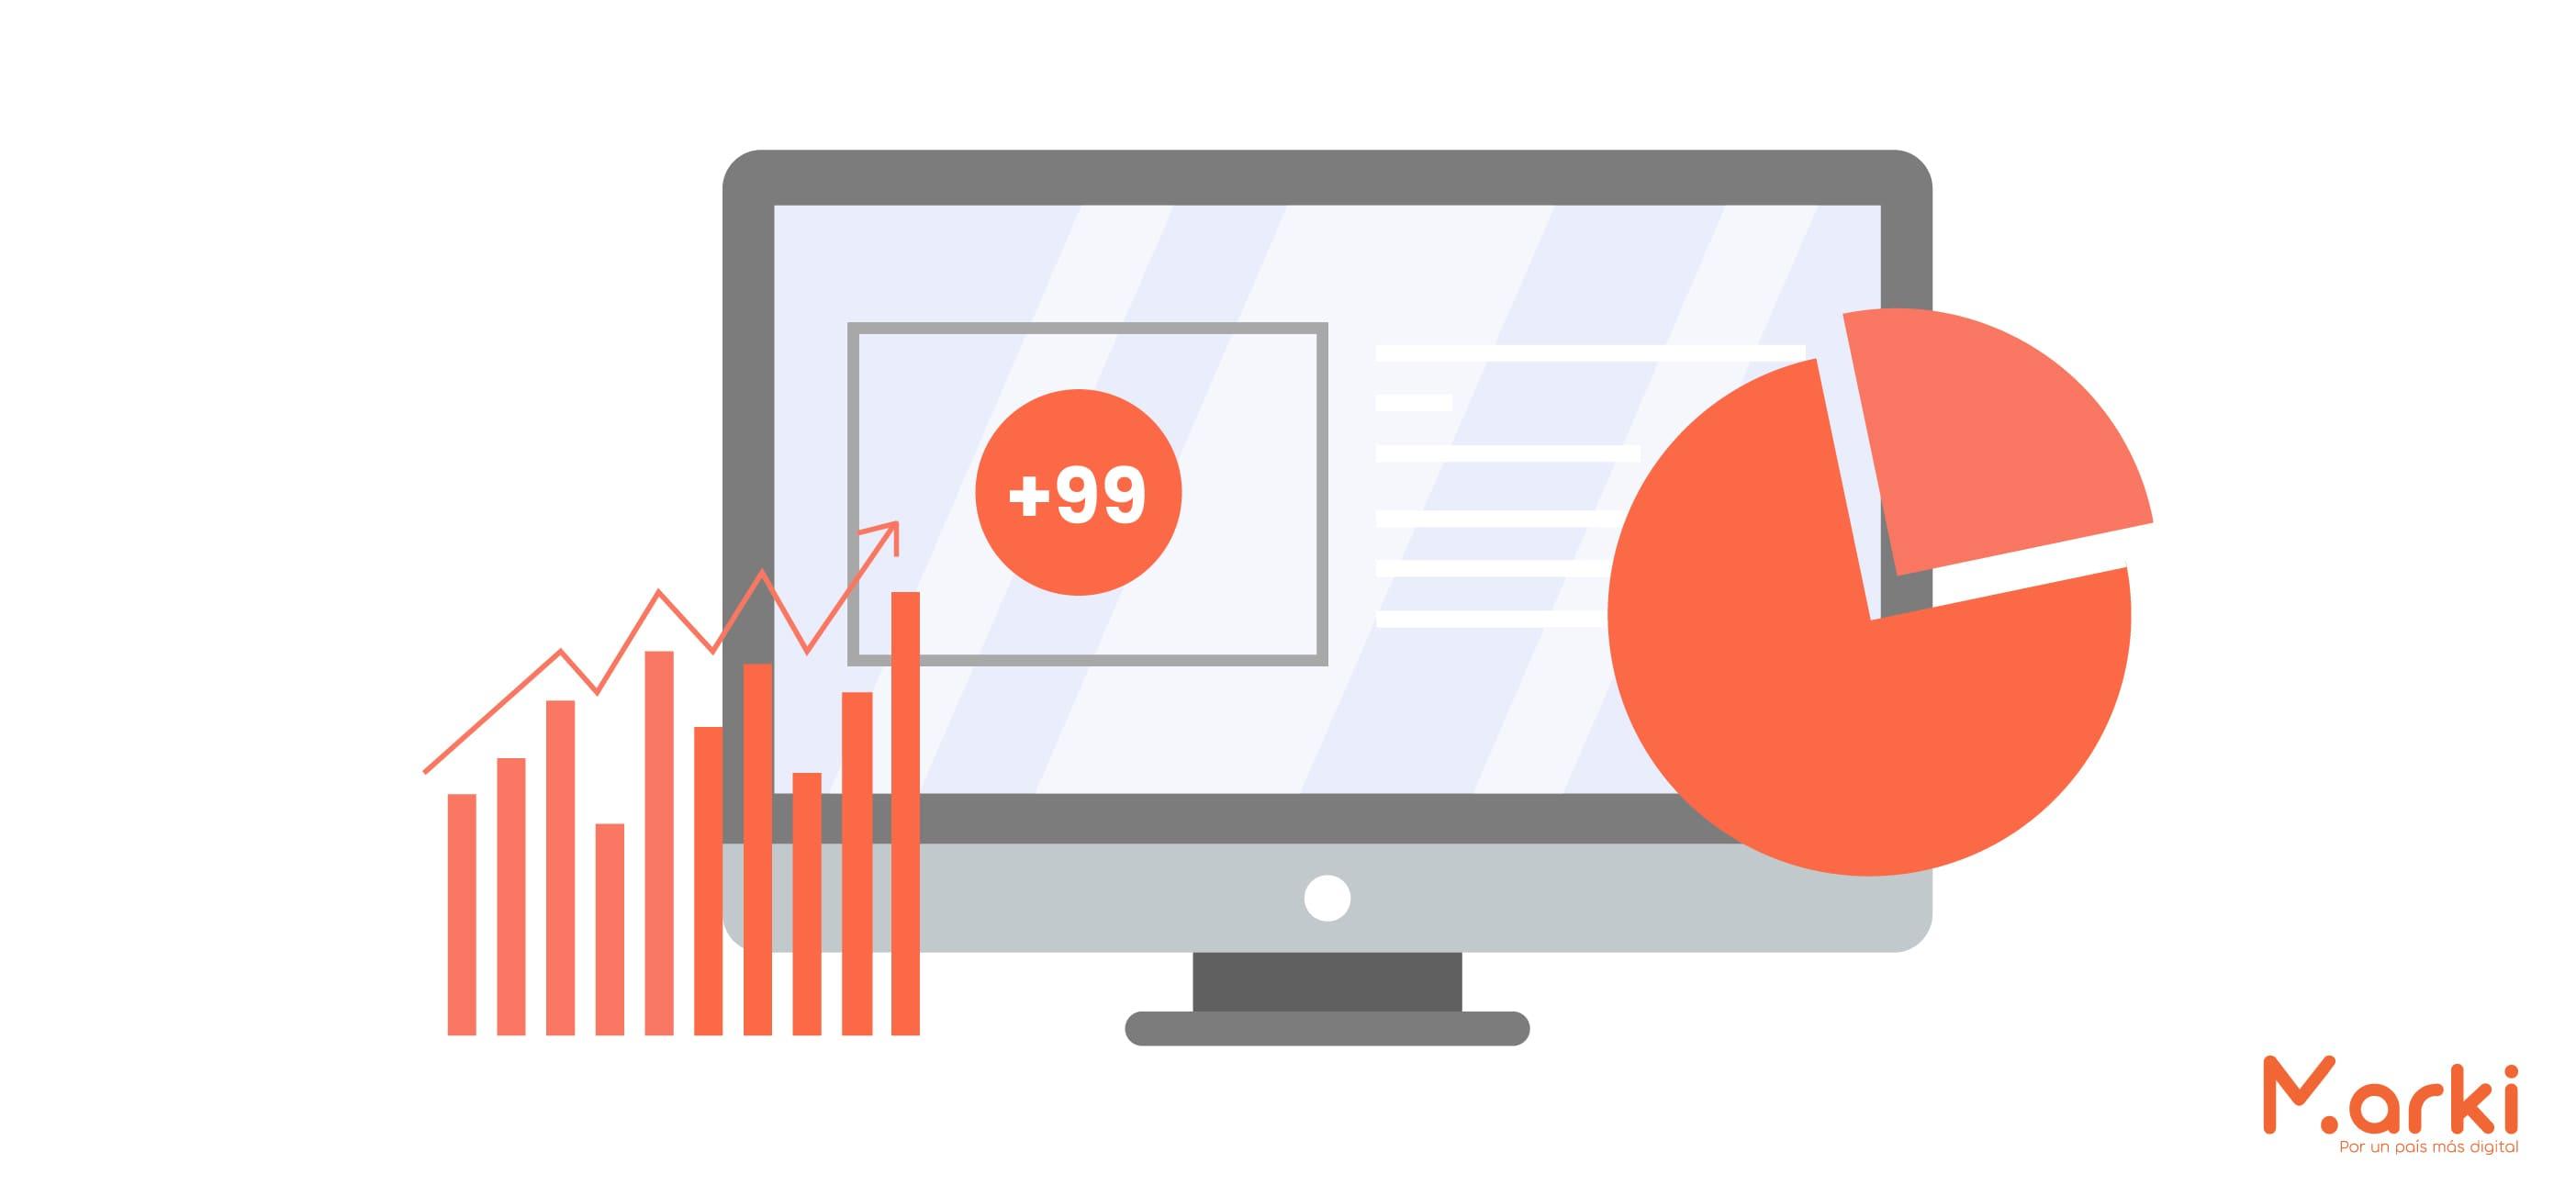 estadísticas png analítica de redes sociales metricas de redes sociales gestor de redes sociales gratis herramientas para redes sociales gratuitas habilidades digitales asesorías de marketing digital Desarrollo de habilidades digitales voluntarios universitarios voluntariado peru Voluntariado online capacitacion de marketing digital voluntariado marki